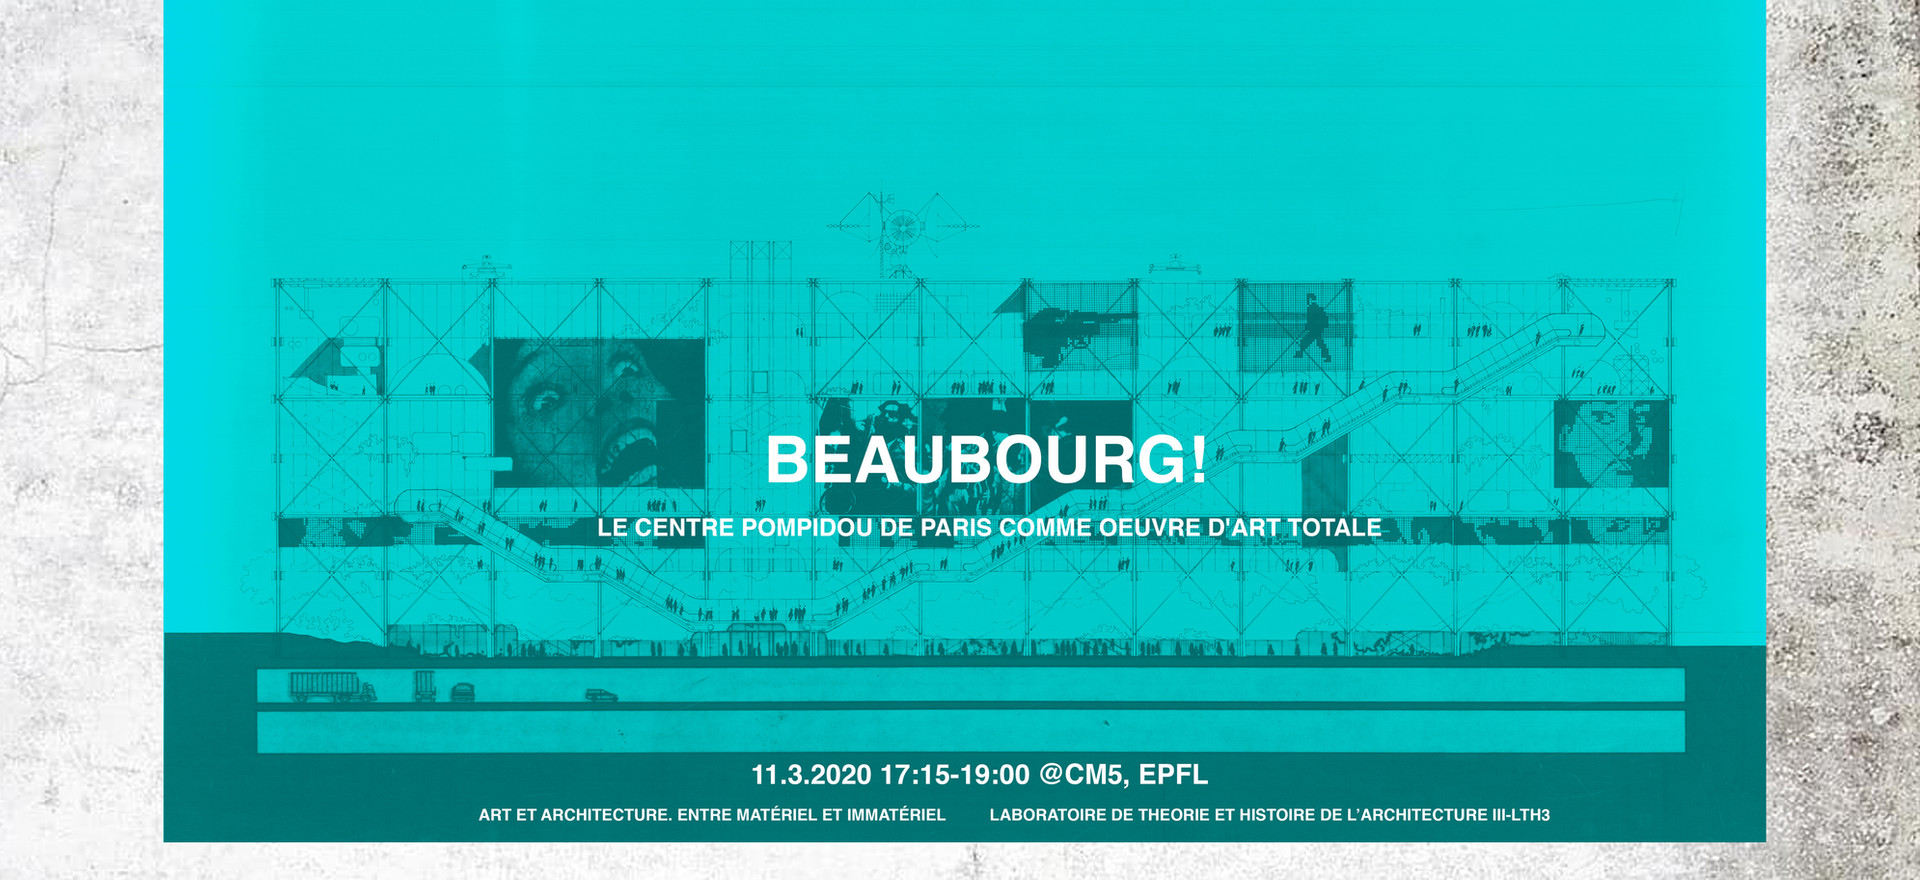 BEAUBOURG! LE CENTRE POMPIDOU DE PARIS COMME OEUVRE D'ART TOTALE